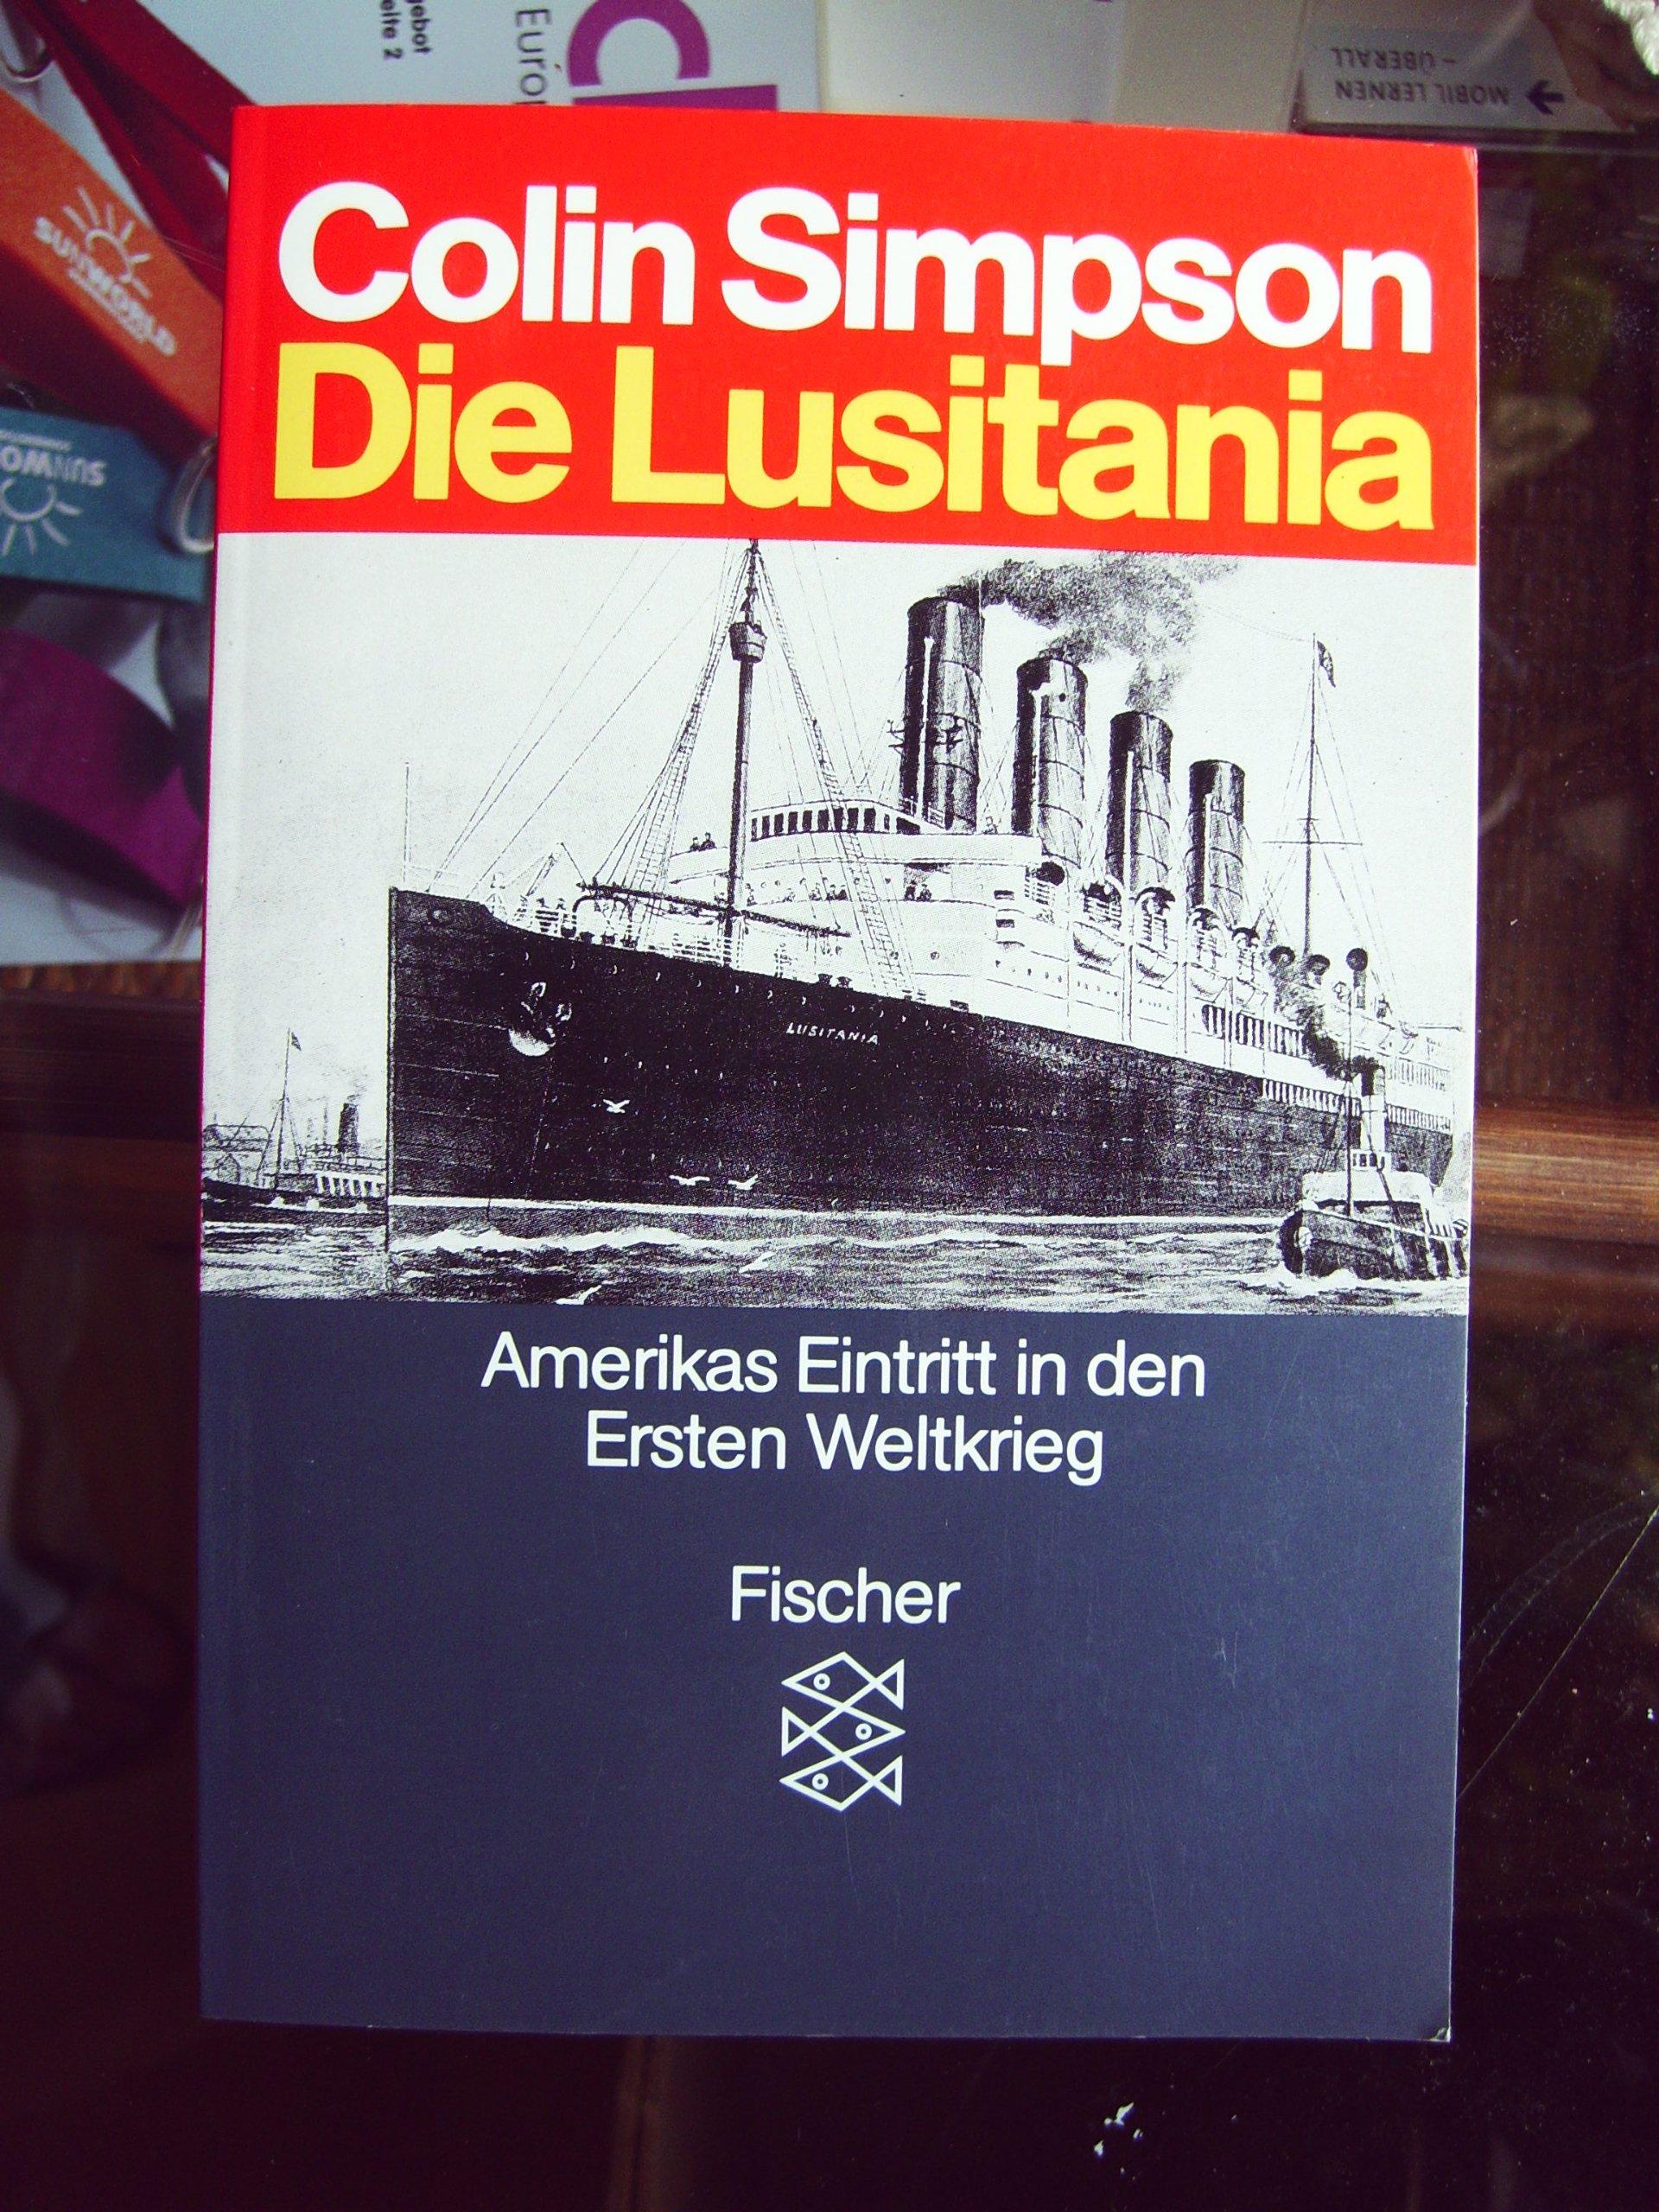 Die Lusitania: Amerikas Eintritt in den Ersten Weltkrieg